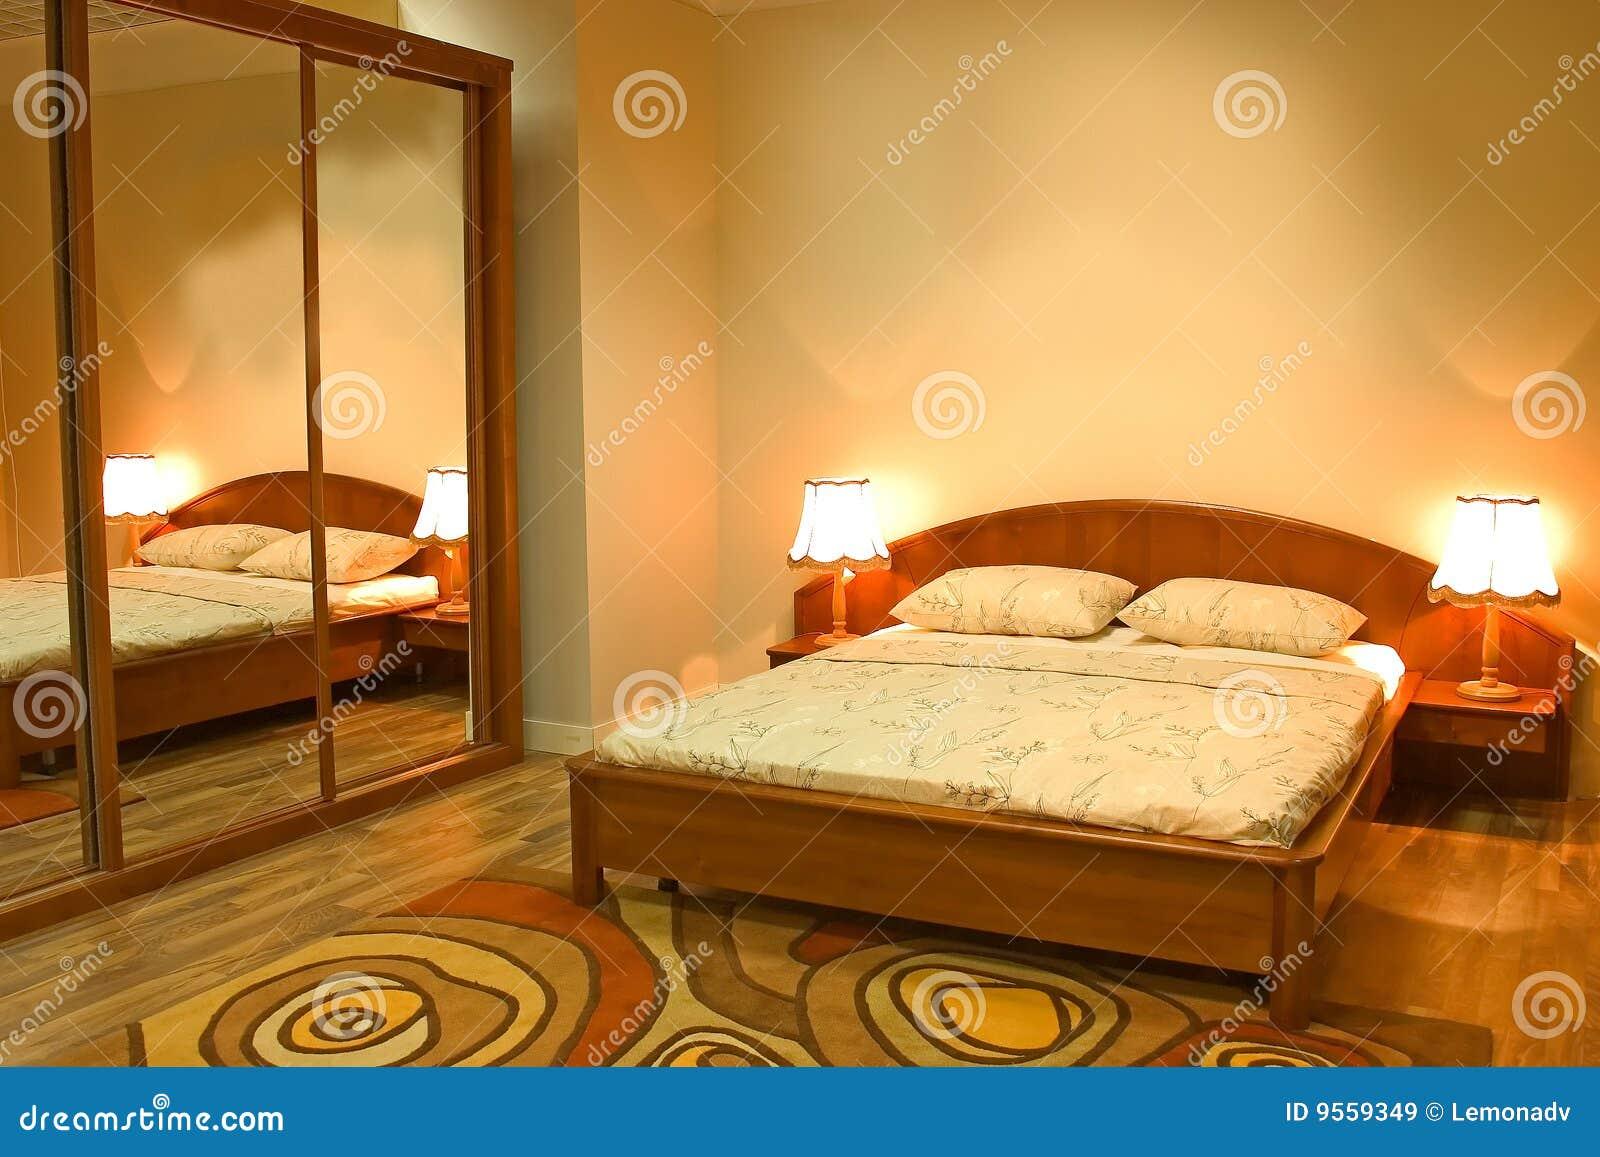 Warme slaapkamer royalty vrije stock afbeeldingen   afbeelding ...